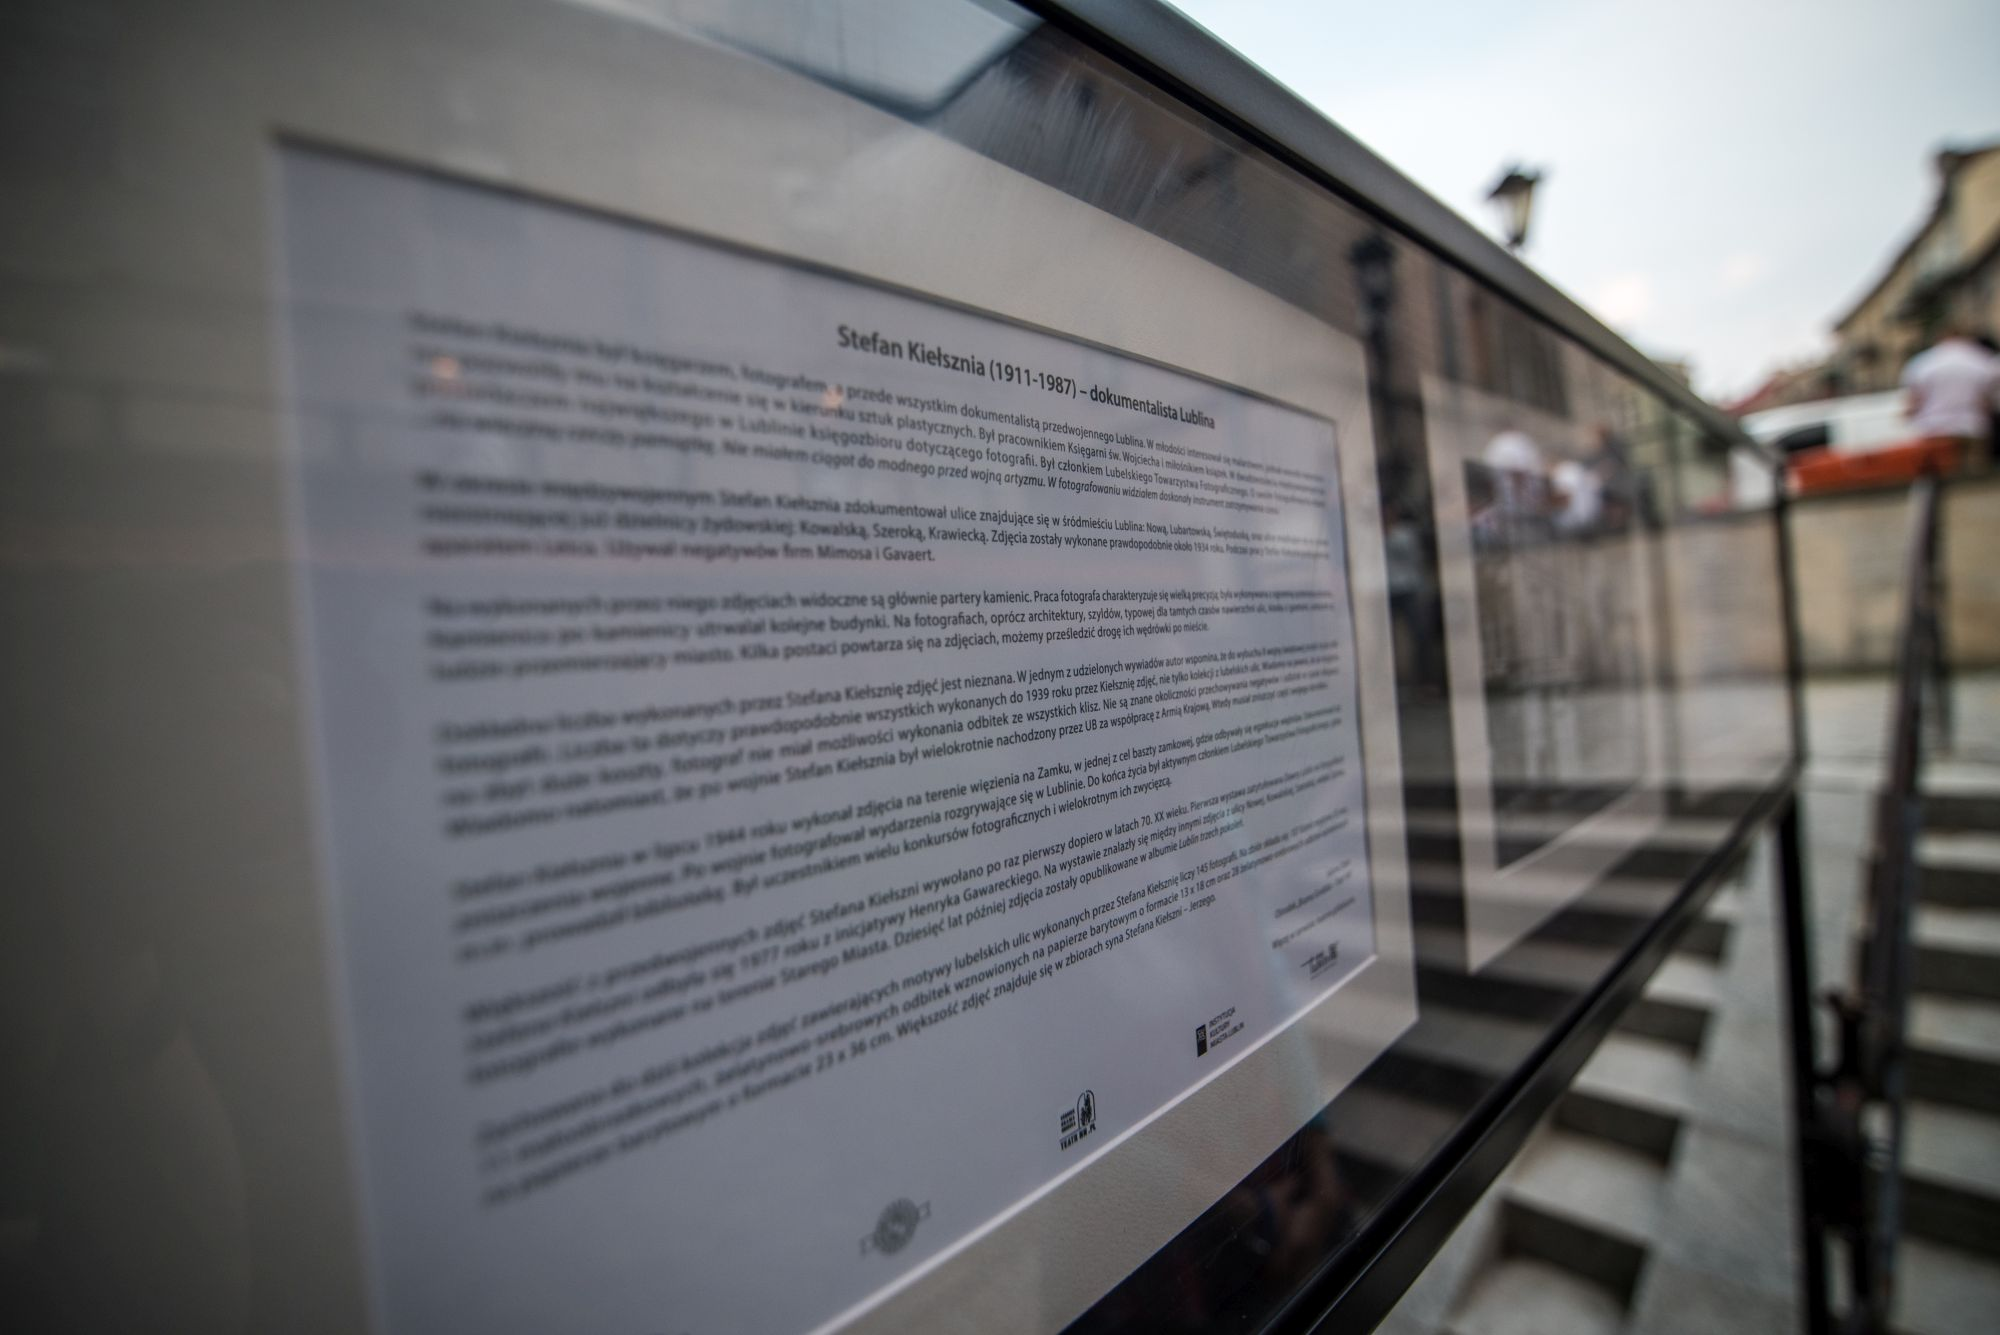 Kiełsznia - dokumentalista Lublina  [galeria fotografii w Zaułku Hartwigów, zbliżenie na opis wystawy]